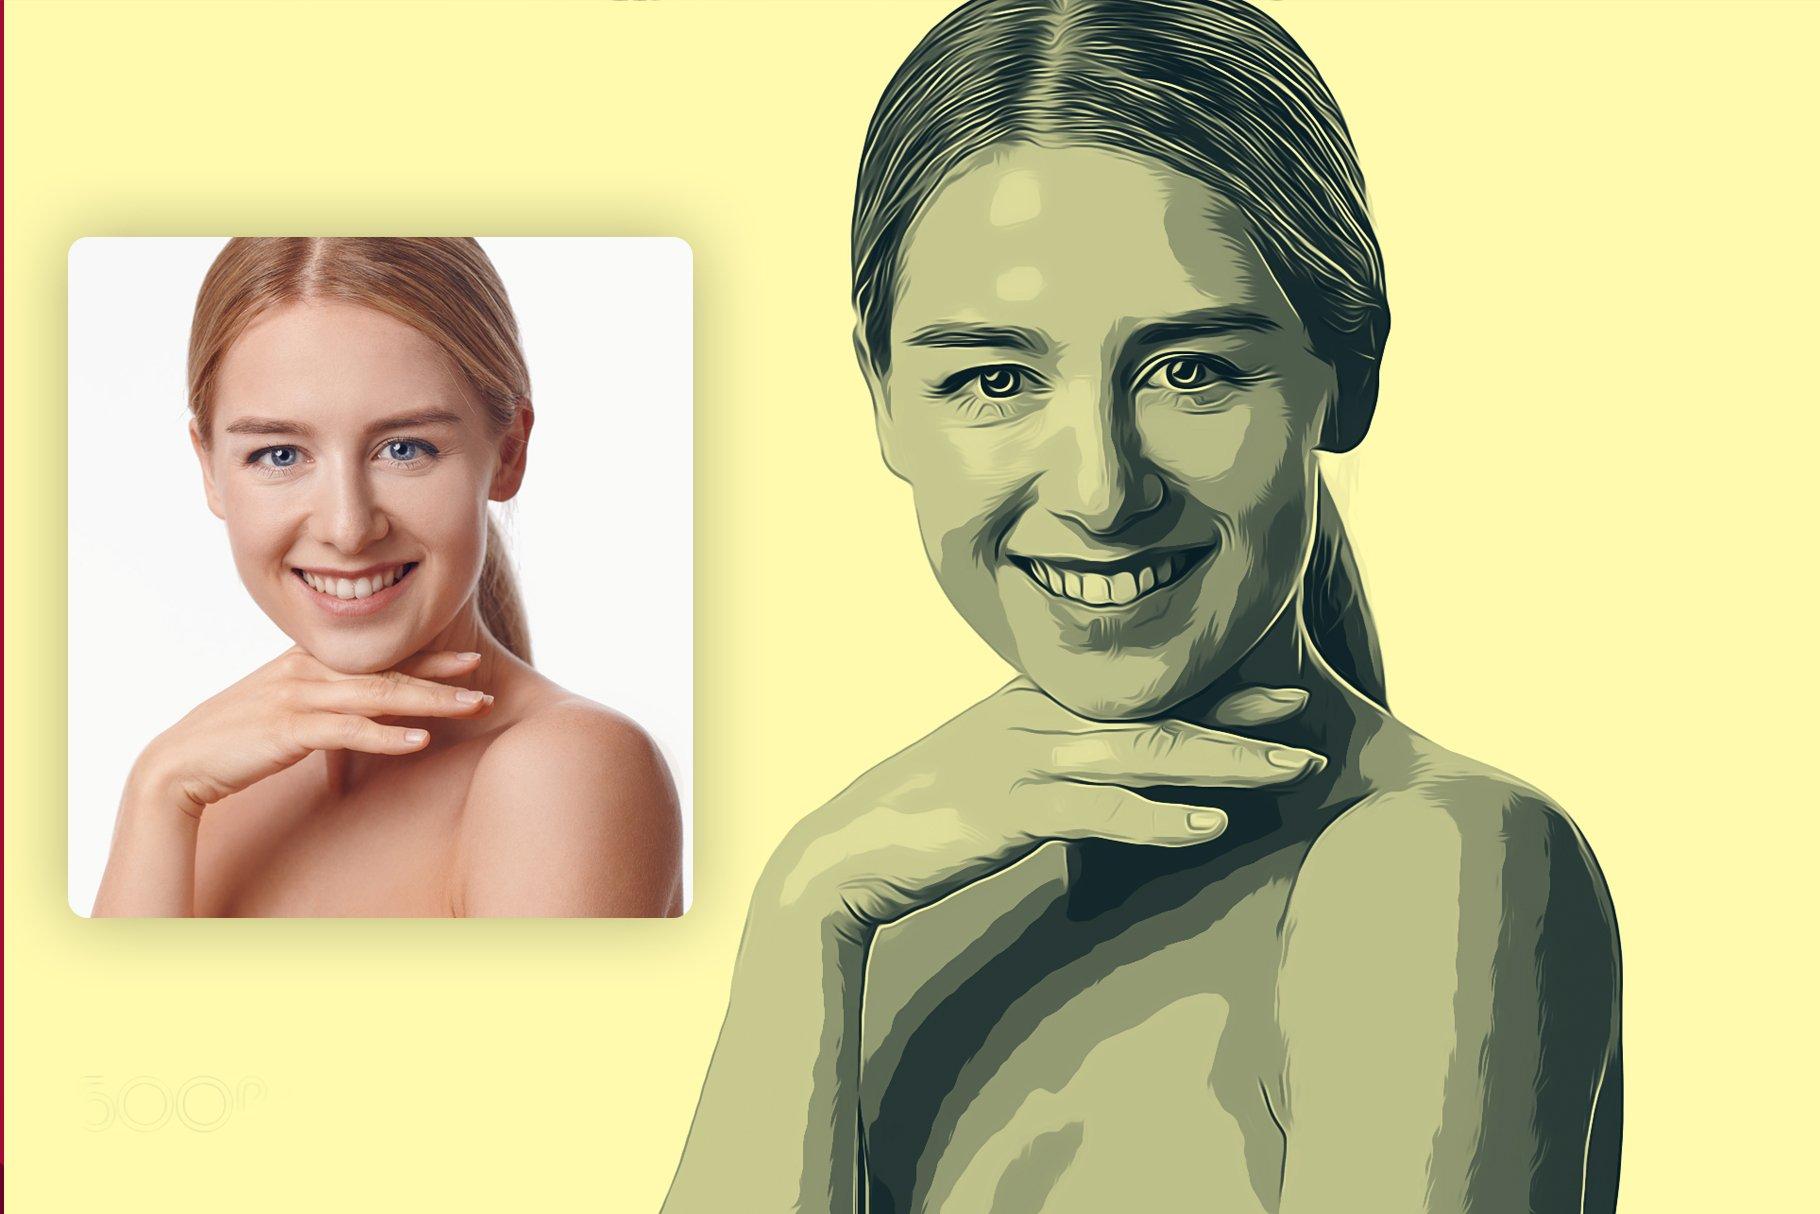 逼真油画艺术绘画效果照片处理特效PS动作模板 Cartoon Oil Painting Photoshop FX插图1